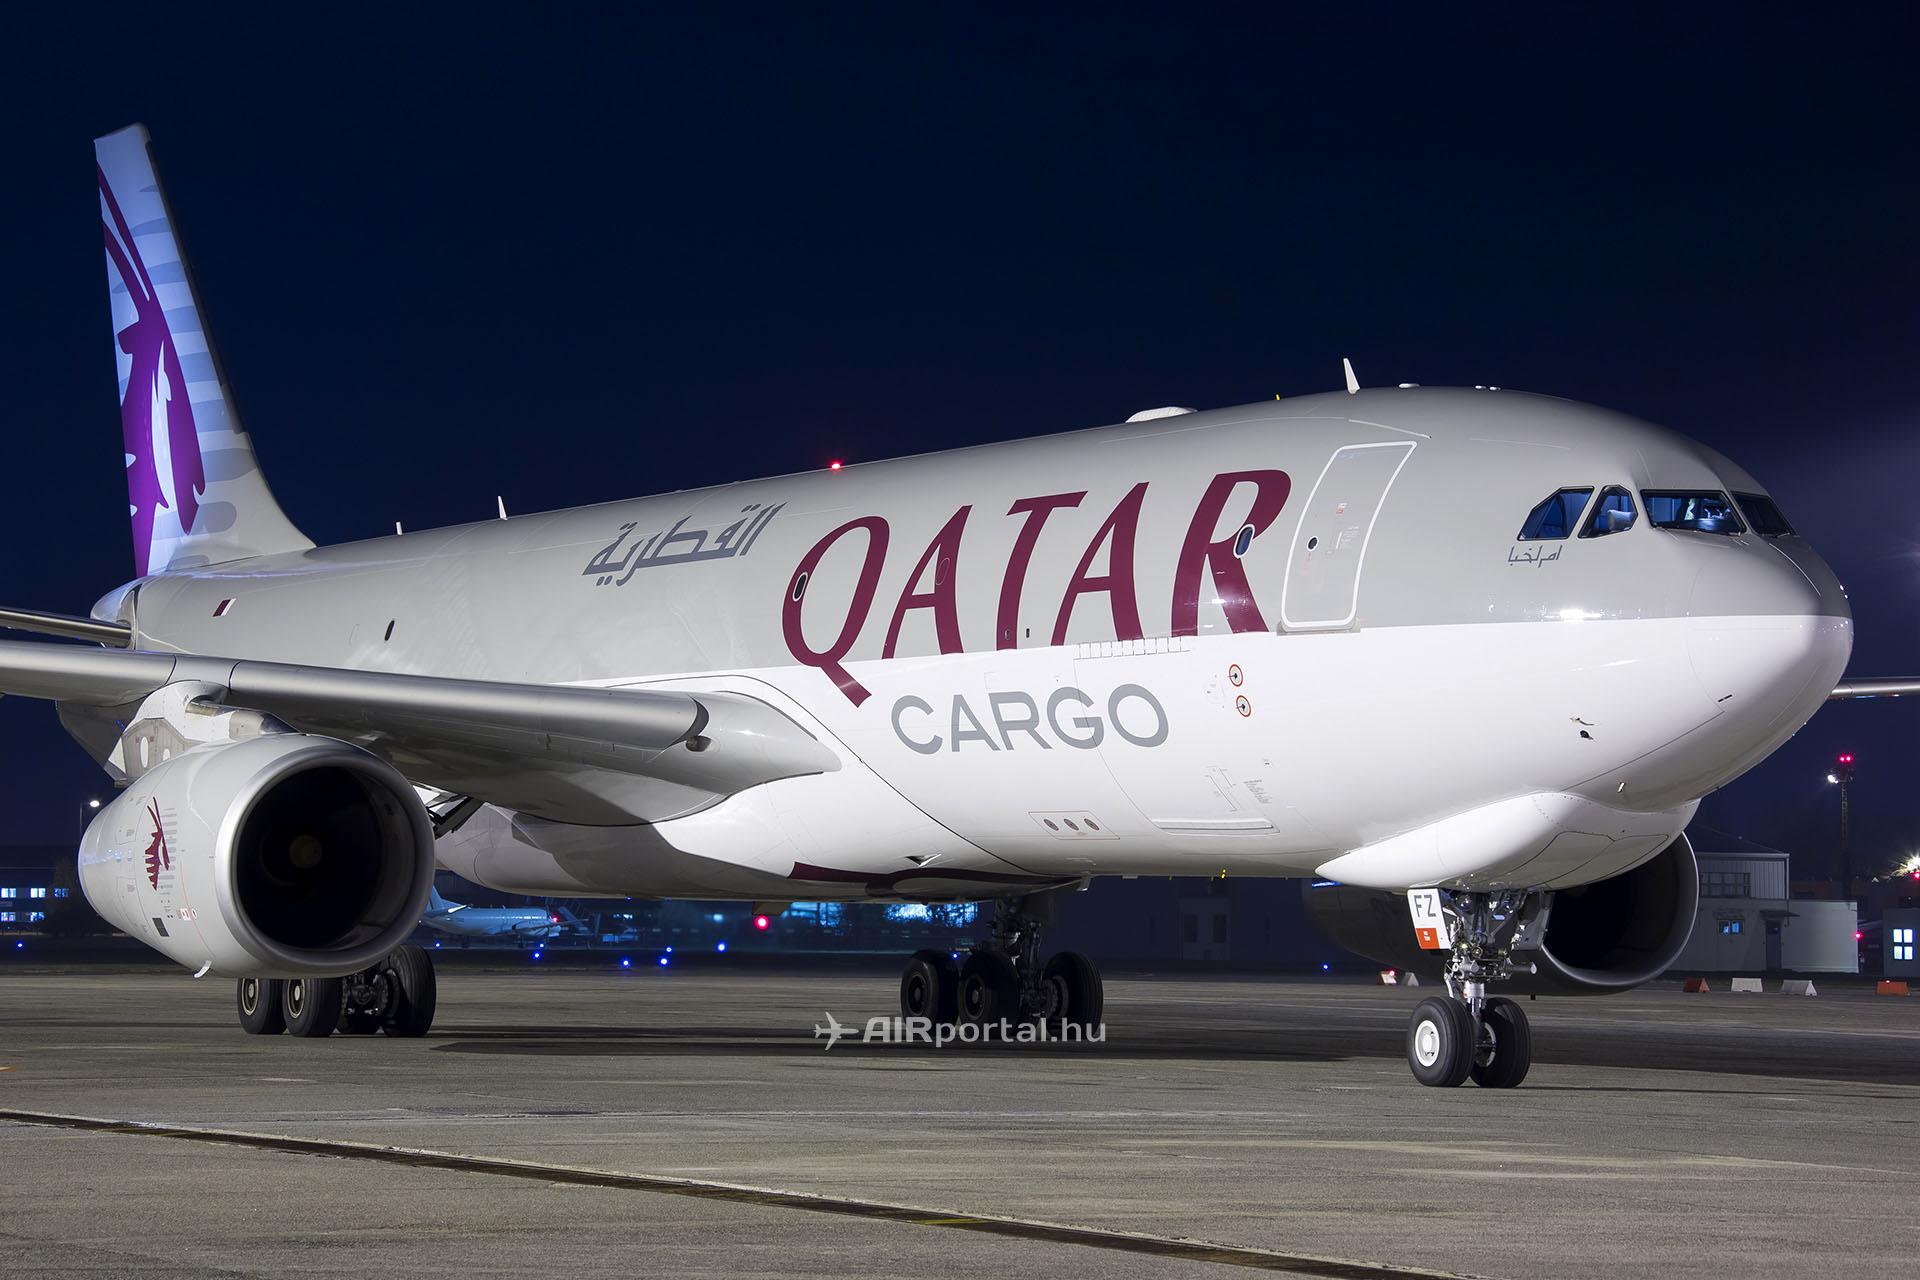 A Qatar Airways Cargo egyik Airbus A330F repülőgépe még 2013. novemberében Ferihegyen (Fotó: AIRportal.hu) | © AIRportal.hu